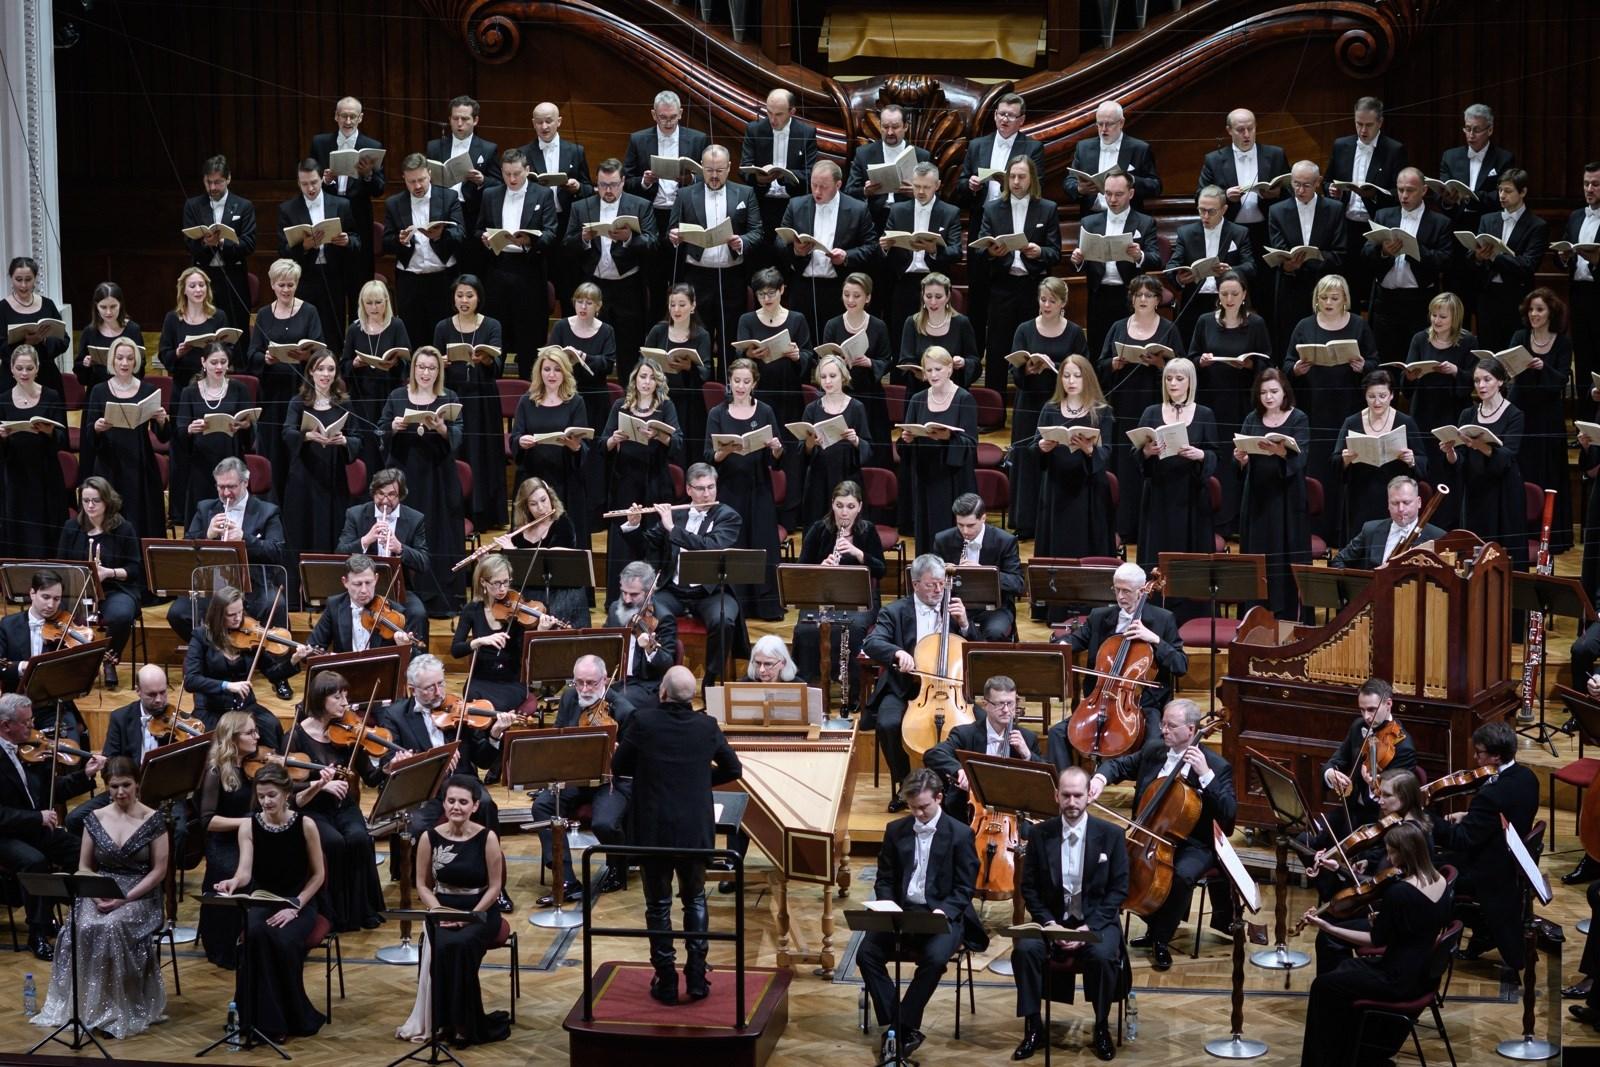 Orkiestra i Chór FN